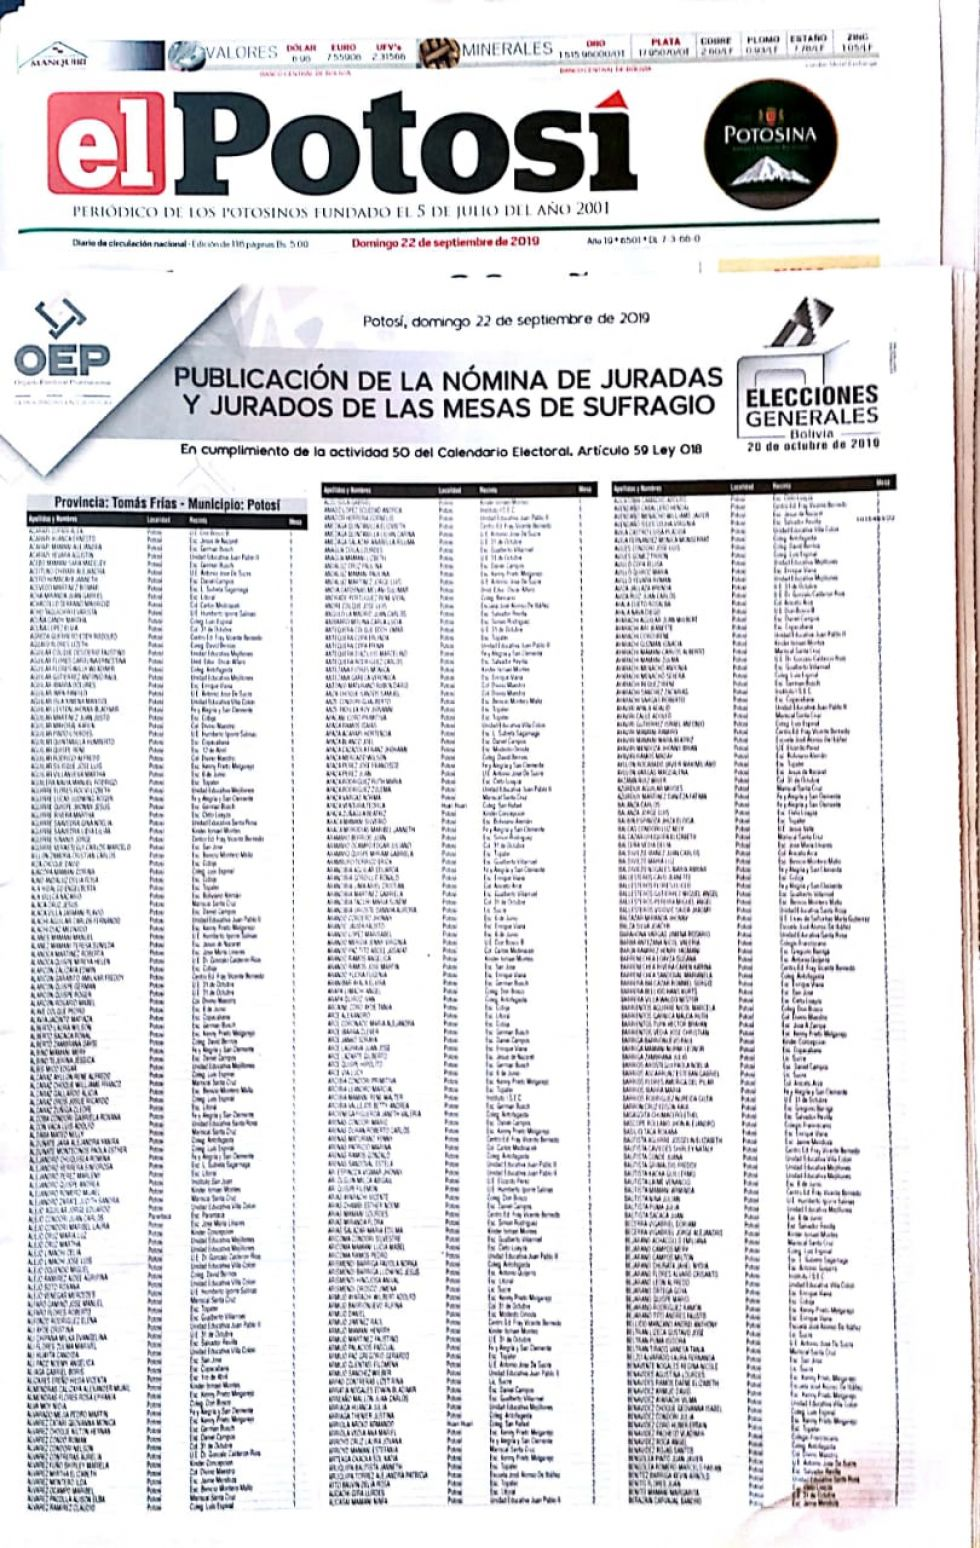 El TED publica en El Potosí nómina de jurados electorales